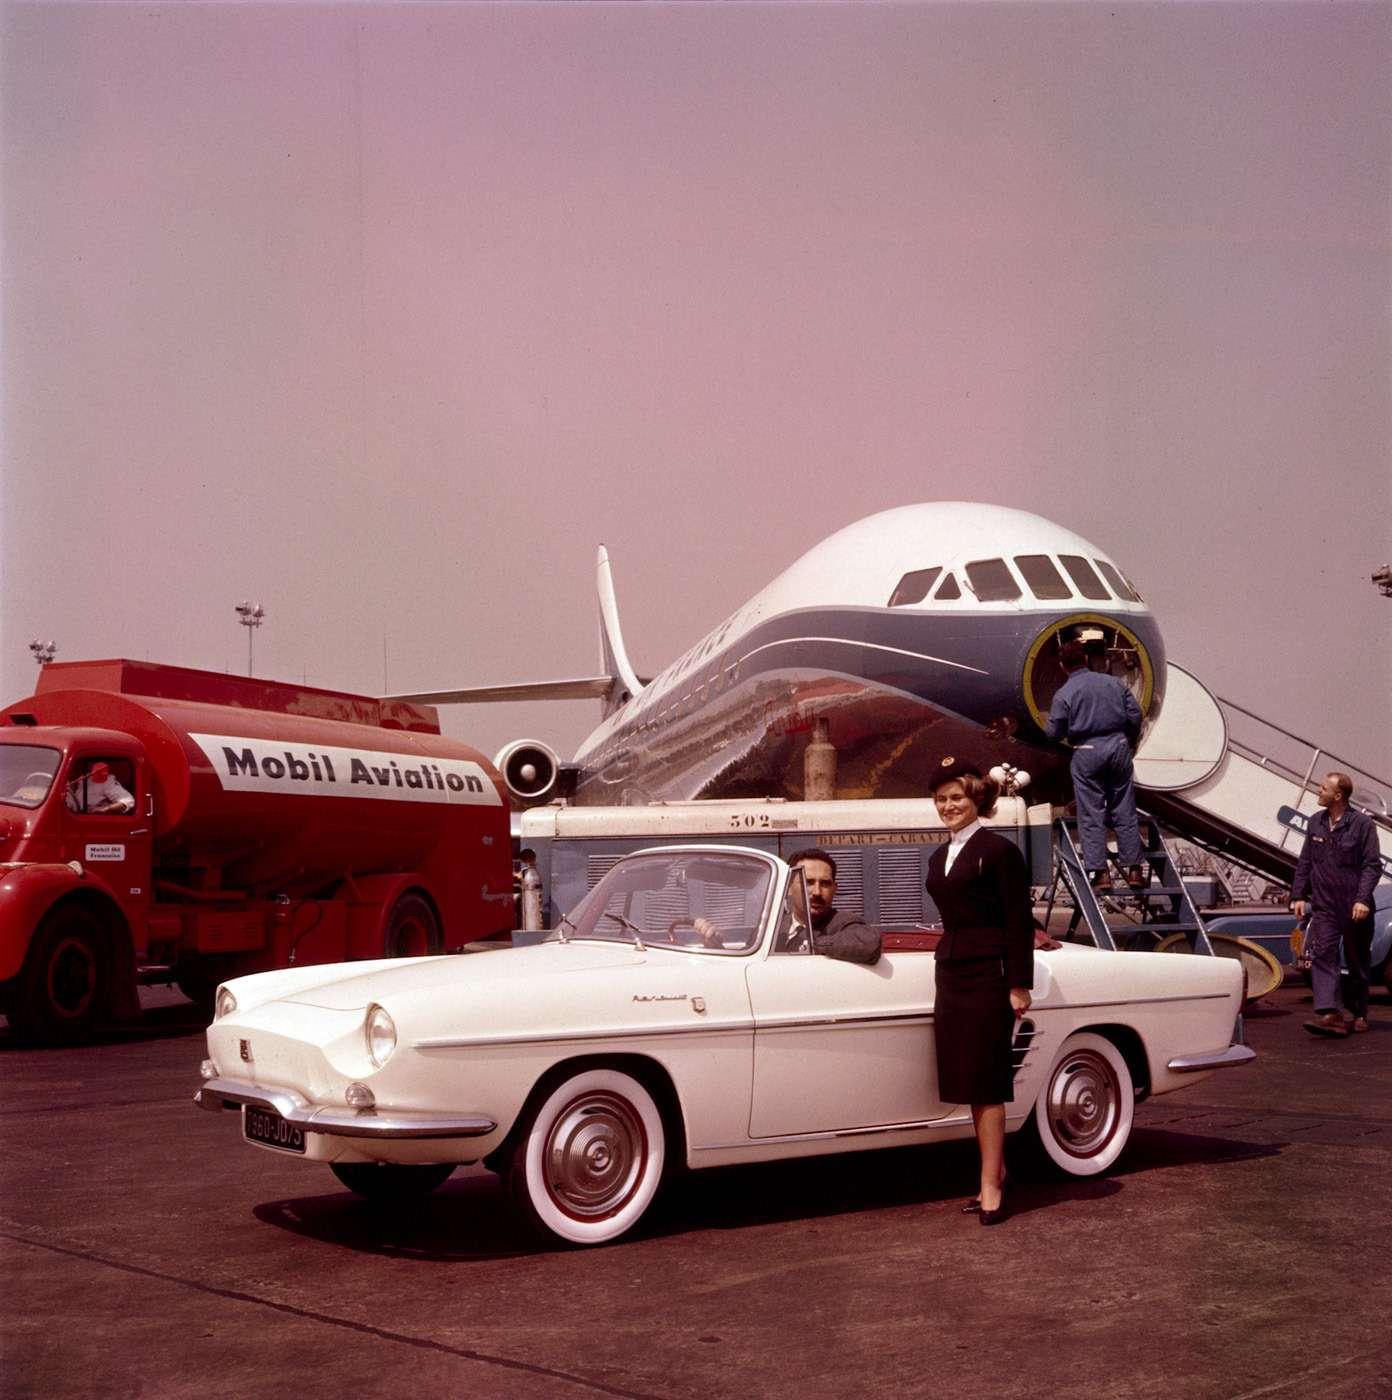 Один из самых элегантных автомобилей 1960-х - Renault Floride - создавался с прицелом на американский рынок. Вновь дизайнеры Ghia оказались на высоте. Первоначальное название автомобиля - Dauphine GT. Более совершенный вариант назвали, как знаменитый французский реактивный лайнер - Сaravelle. Один из таких подарили Никите Хрущеву. Однако Брижит Бардо смотрелась рядом с изящной французской вещицей значительно лучше. С 1958 по 1968 год выпущено 117113 экземпляров Floride и Caravelle.